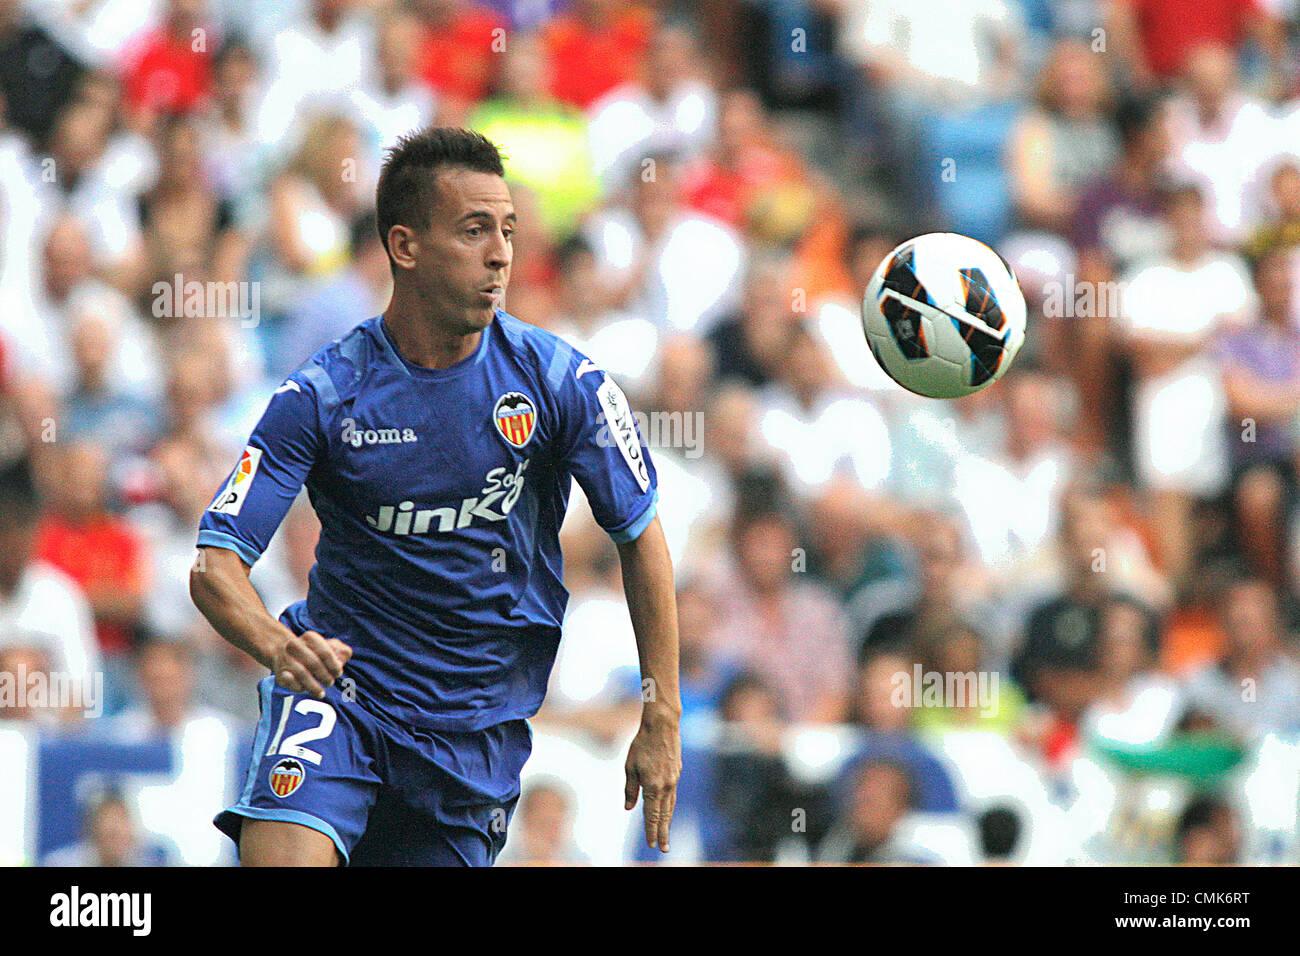 19.08.2012 Madrid, Spain. La Liga Football Real Madrid vs. Valencia CF - Joao Pereira - Stock Image